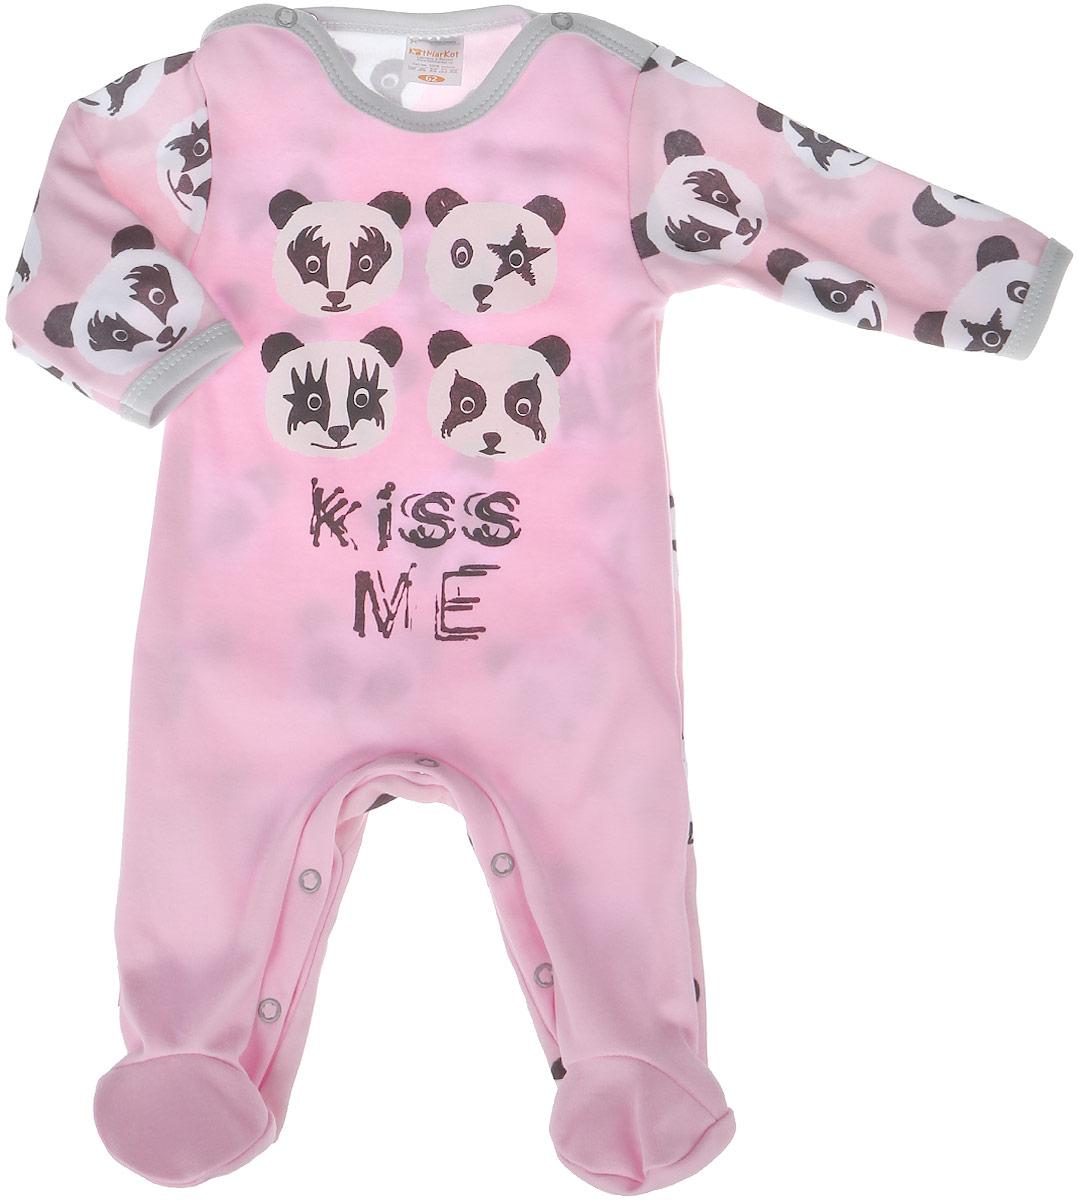 Комбинезон домашний для девочки КотМарКот, цвет: розовый. 6122. Размер 566122Комбинезон домашний для девочки КотМарКот выполнен из качественного материала. Модель с длинными рукавами застегивается на кнопки.